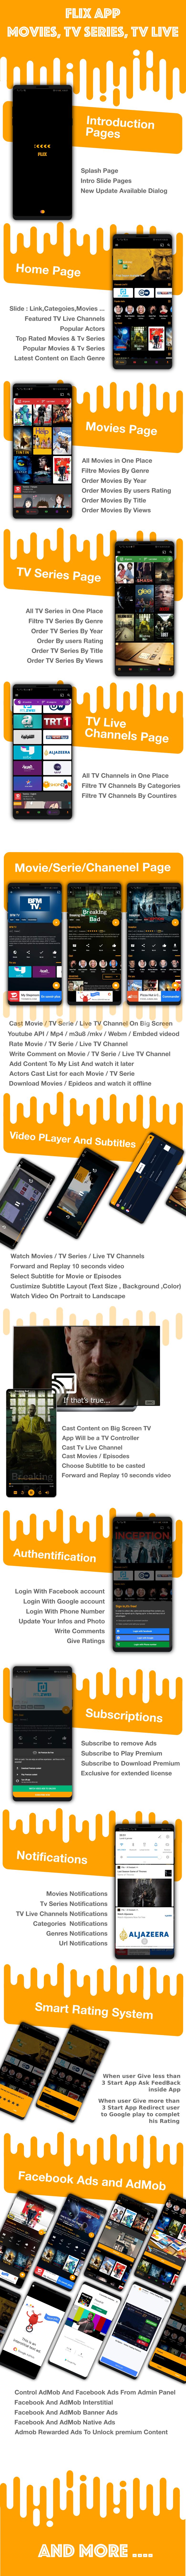 Flix App Movies - TV Series - Live TV Channels - TV Cast - 3